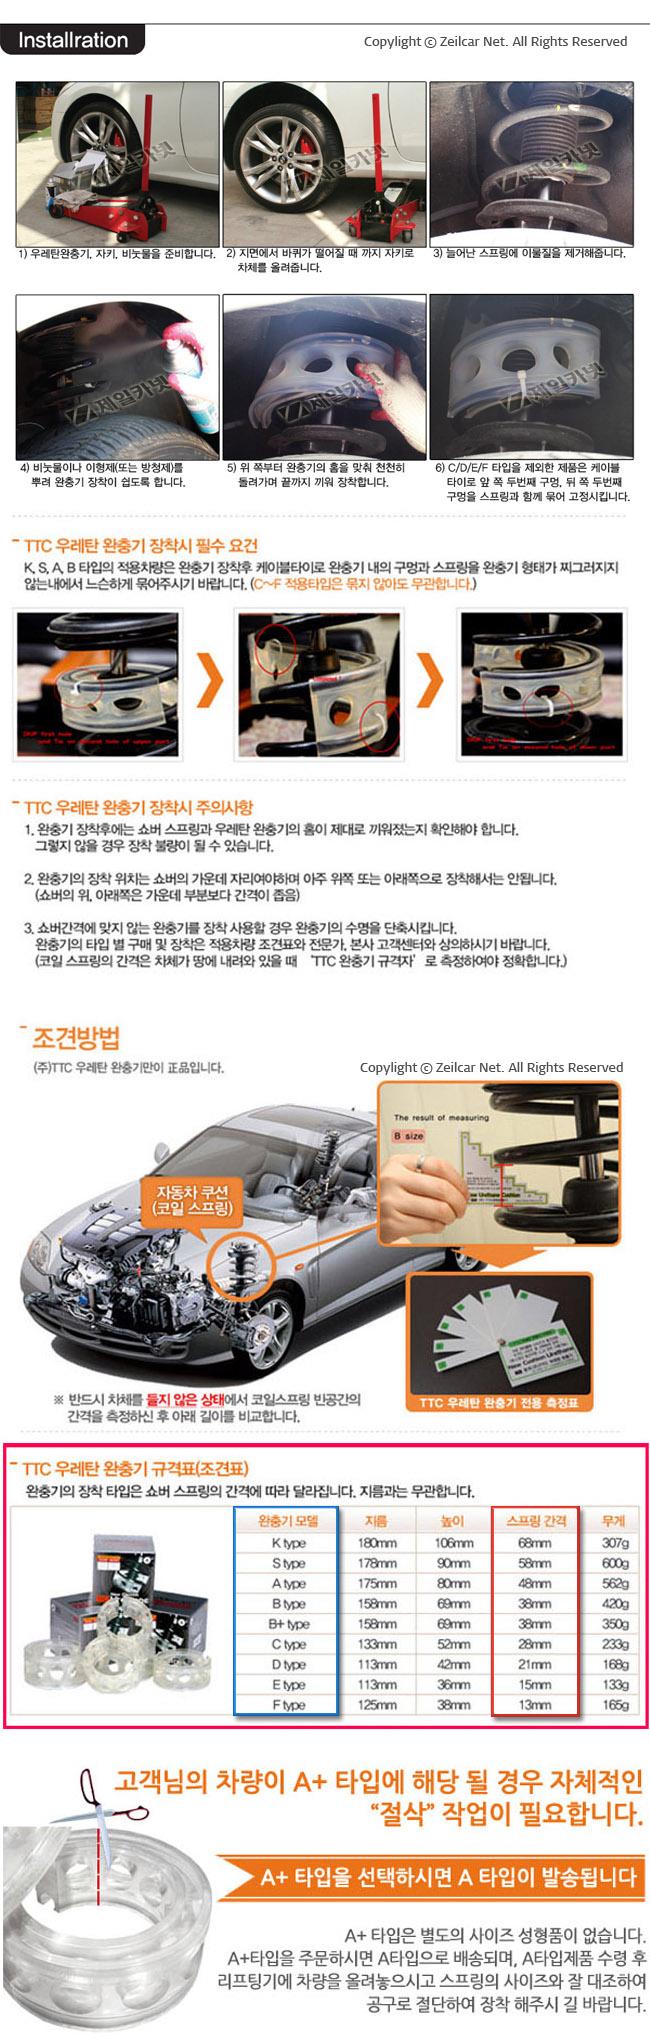 차량진동차단과 쏠림방지, 승차감향상을 위한 파워완충기